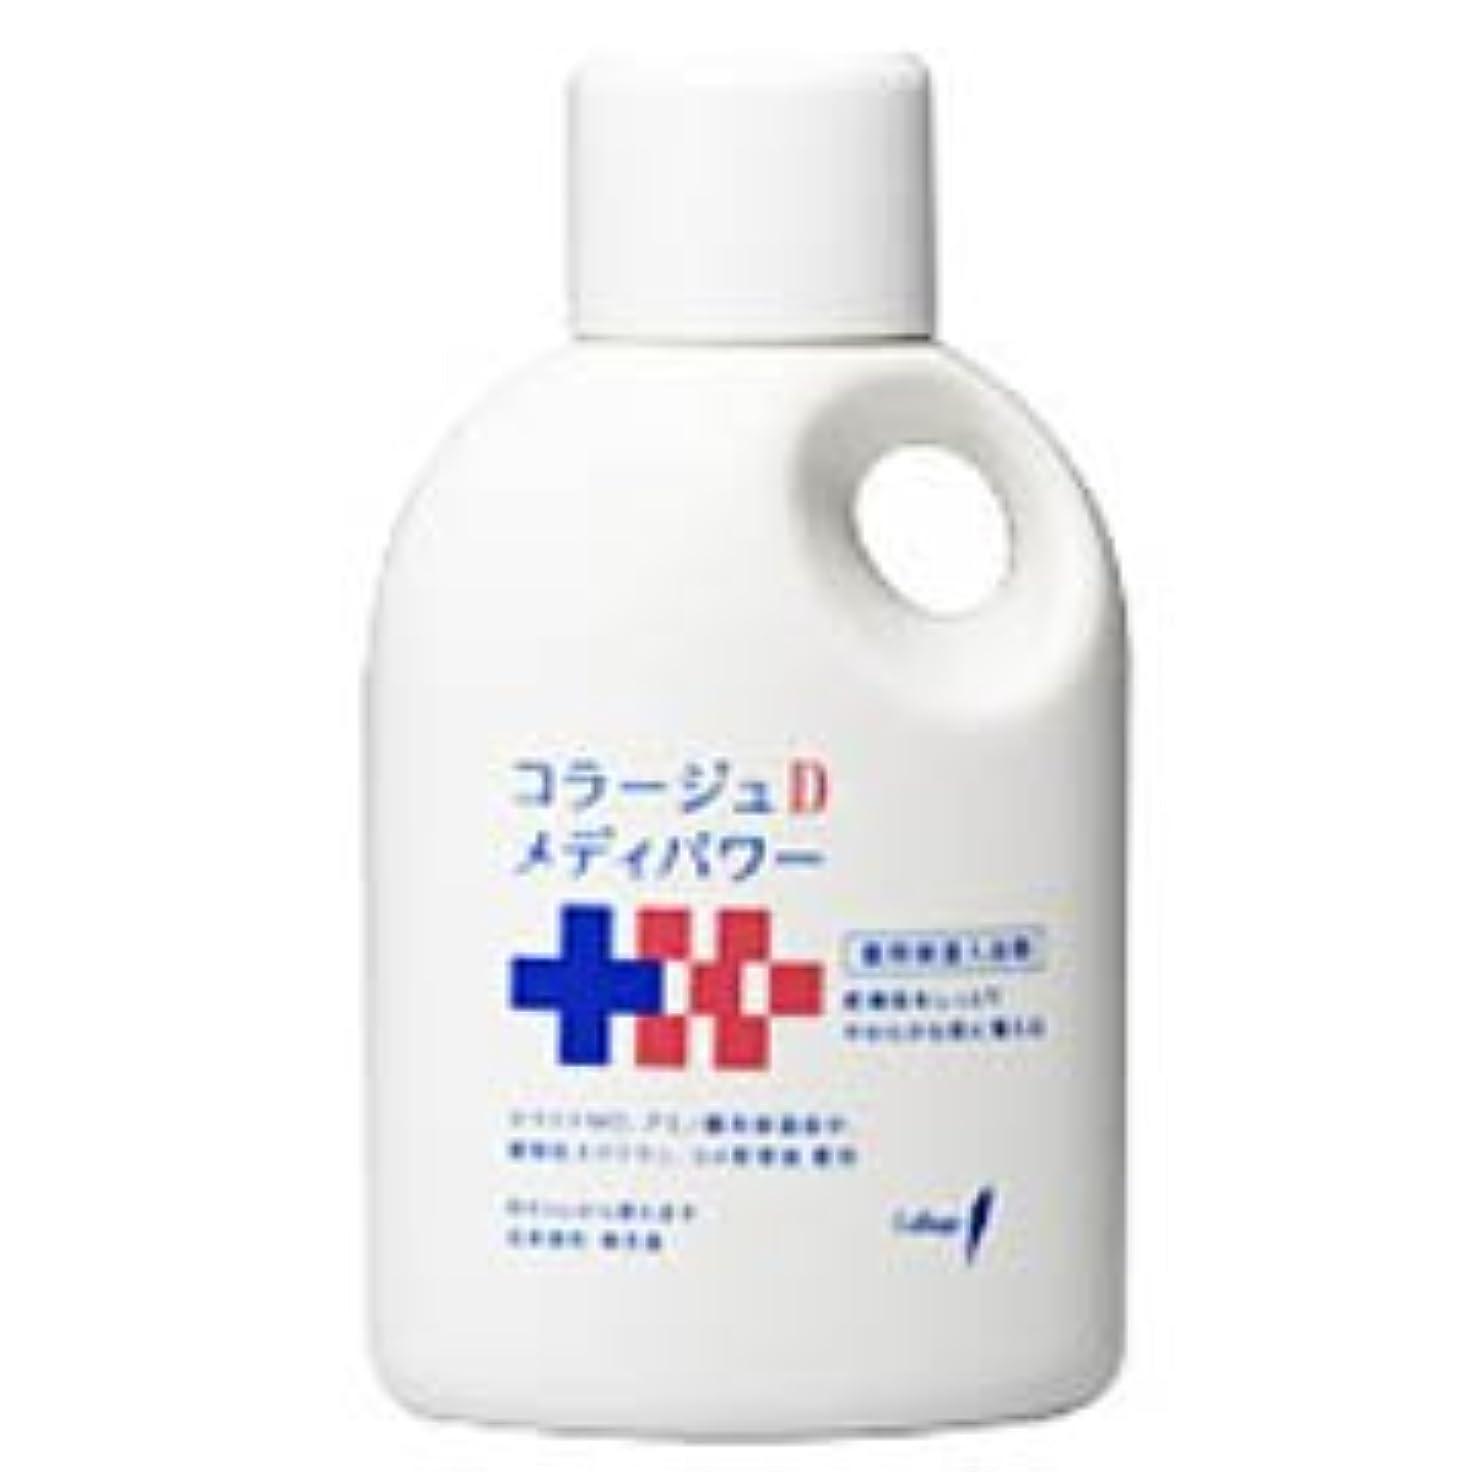 ラグ友情忘れられない【持田ヘルスケア】コラージュD メディパワー 保湿入浴液 500ml